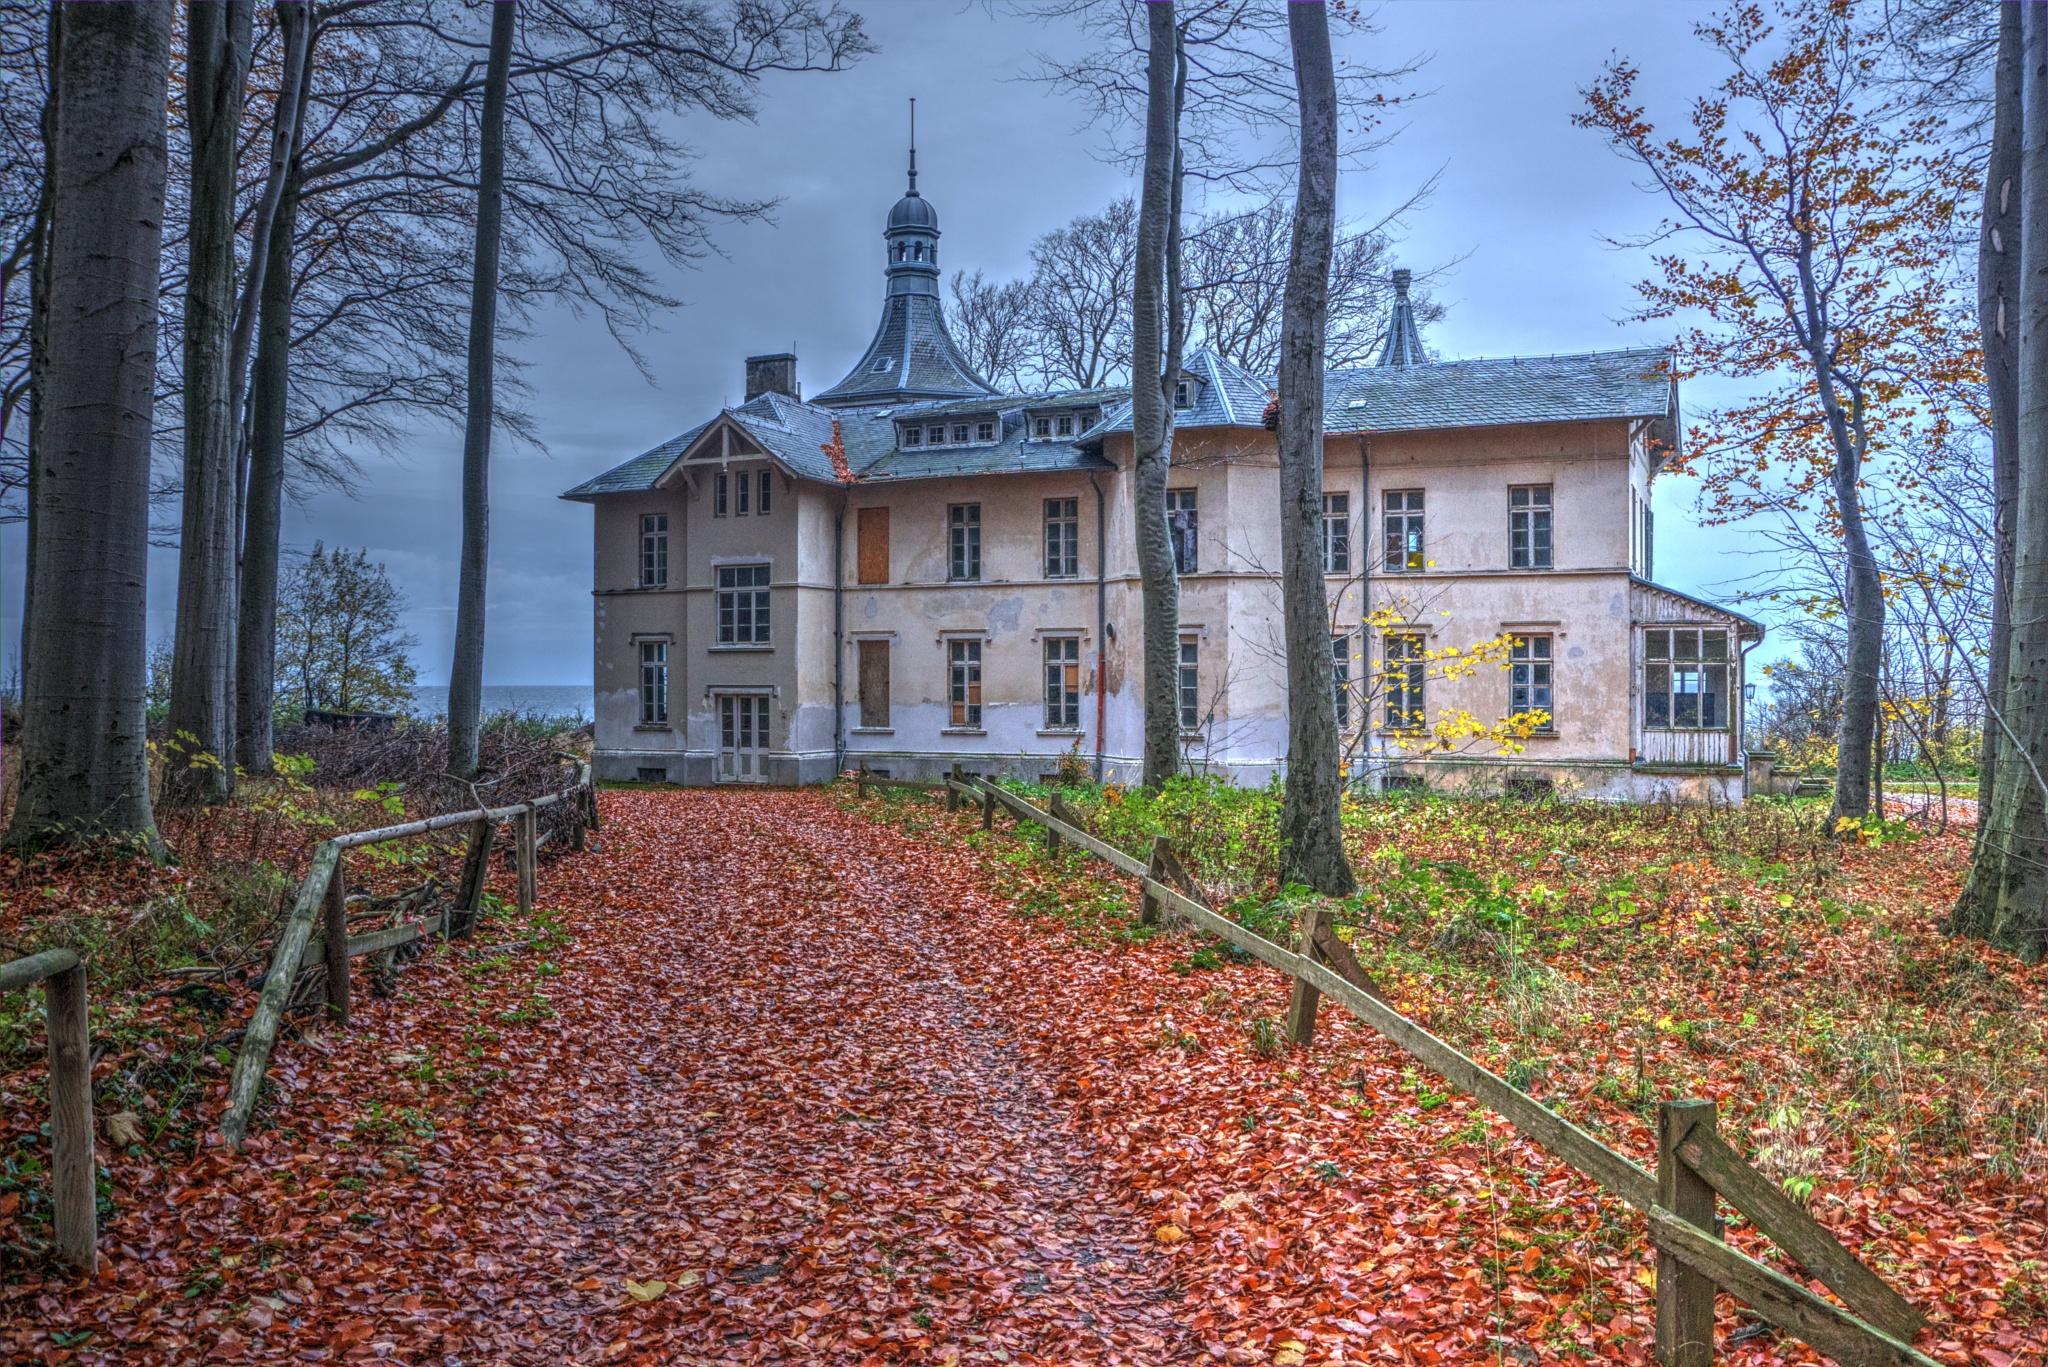 Der verlassene Ort- Heiligendamm by diplompunk